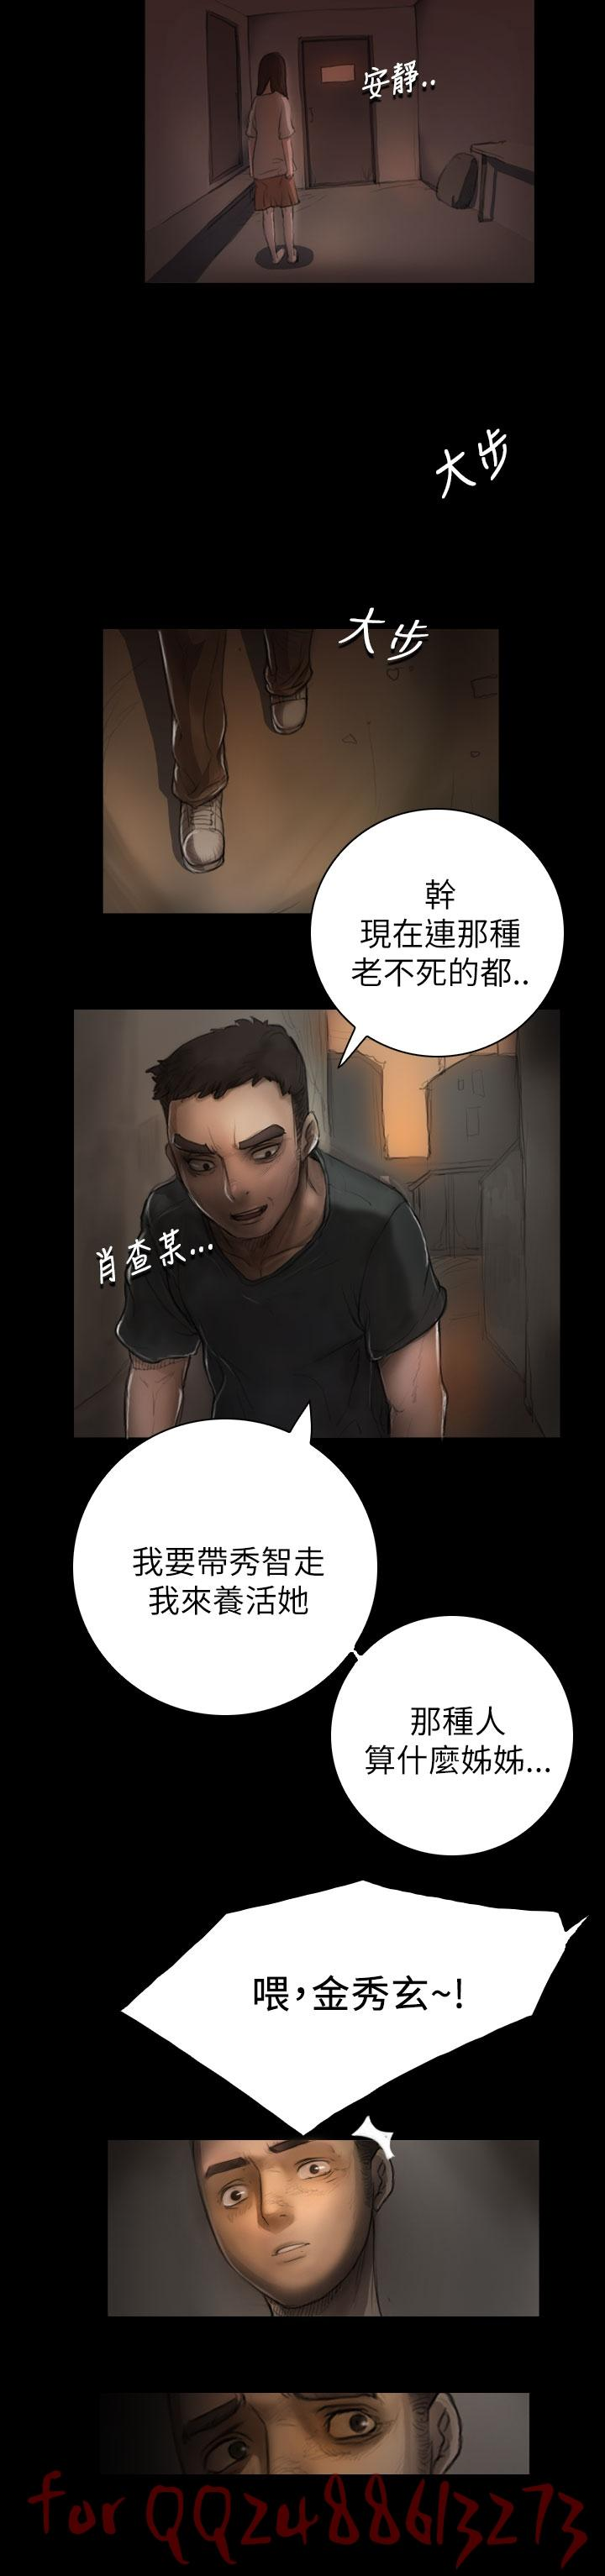 姊姊: 莲 第1~10話 [Chinese]中文 220